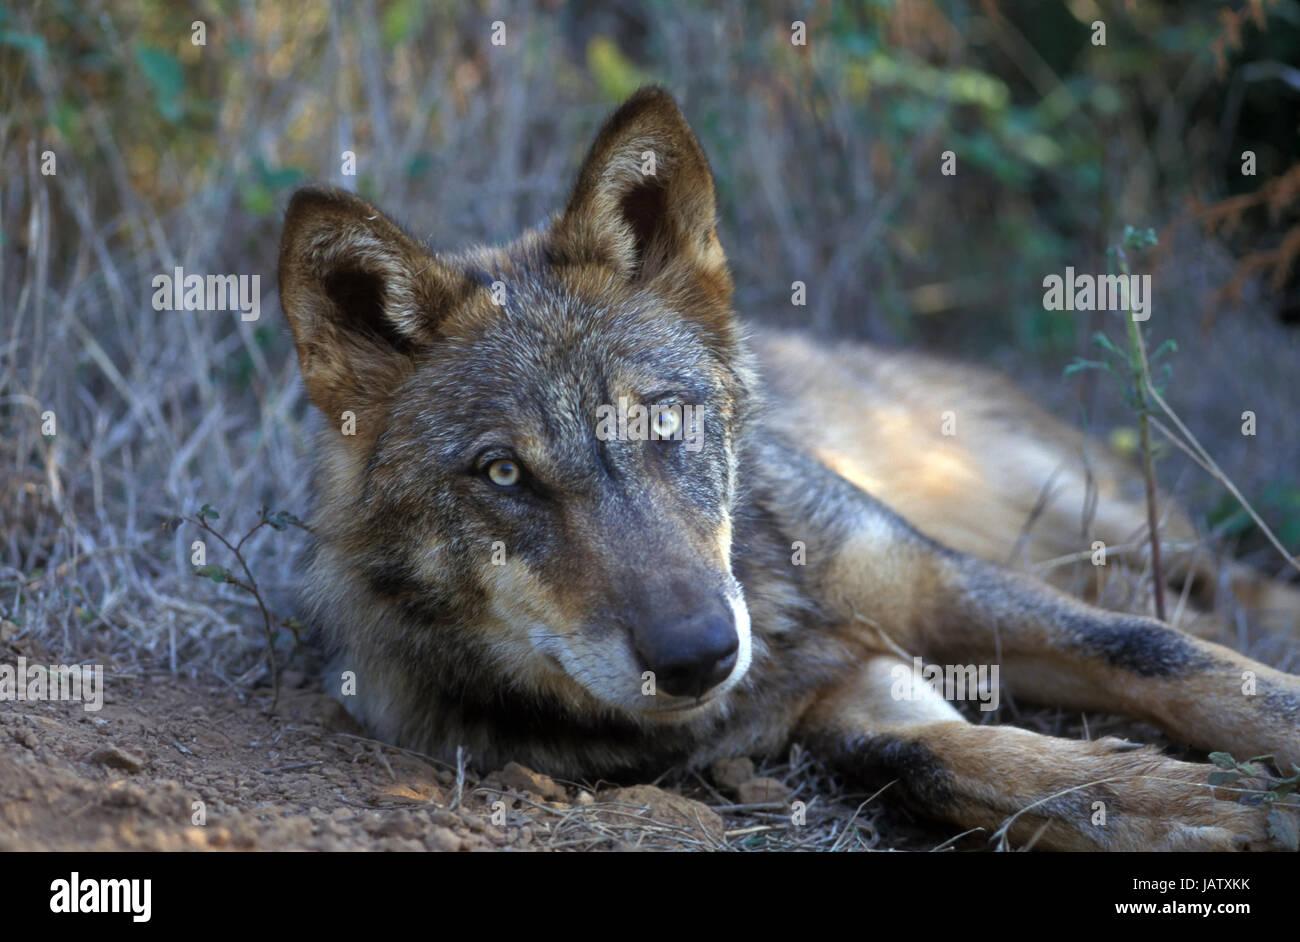 Lupo iberico (Canis lupus signatus). Lupo iberico è un emblematico specie della fauna iberica. Defecare. Portogallo Immagini Stock